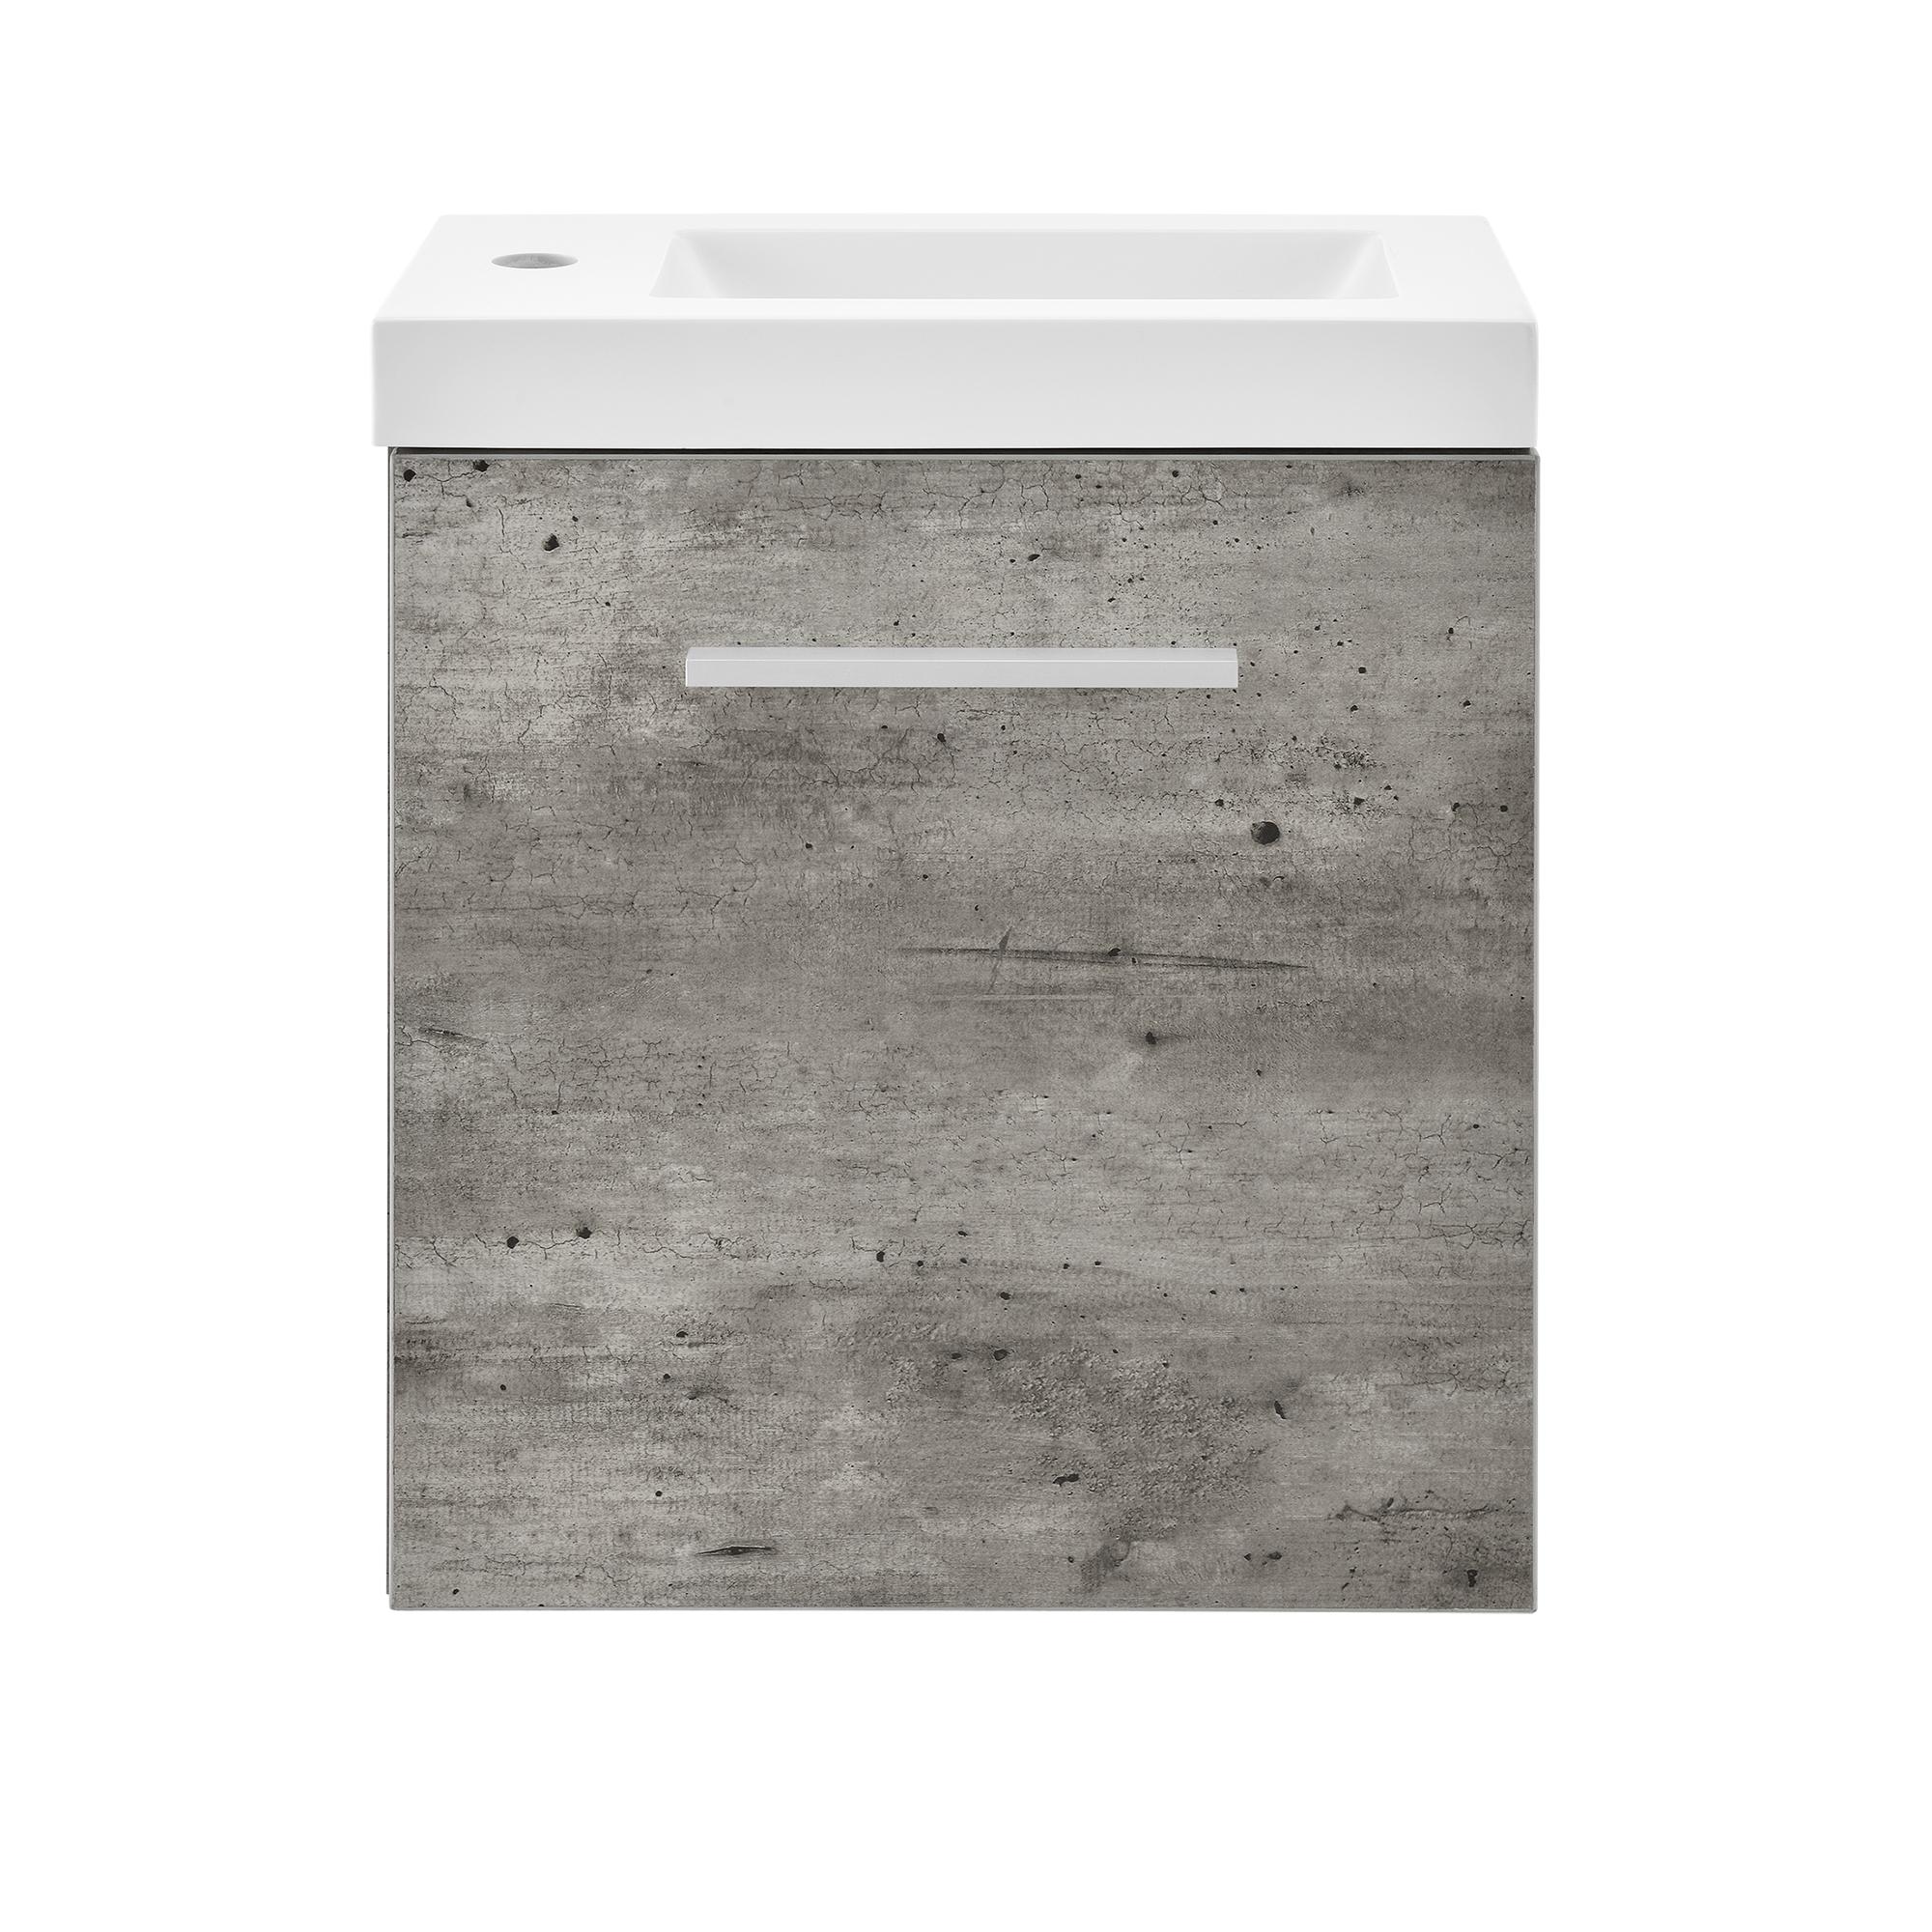 Armadio da bagno armadietto lavabo mobili for Armadio x bagno